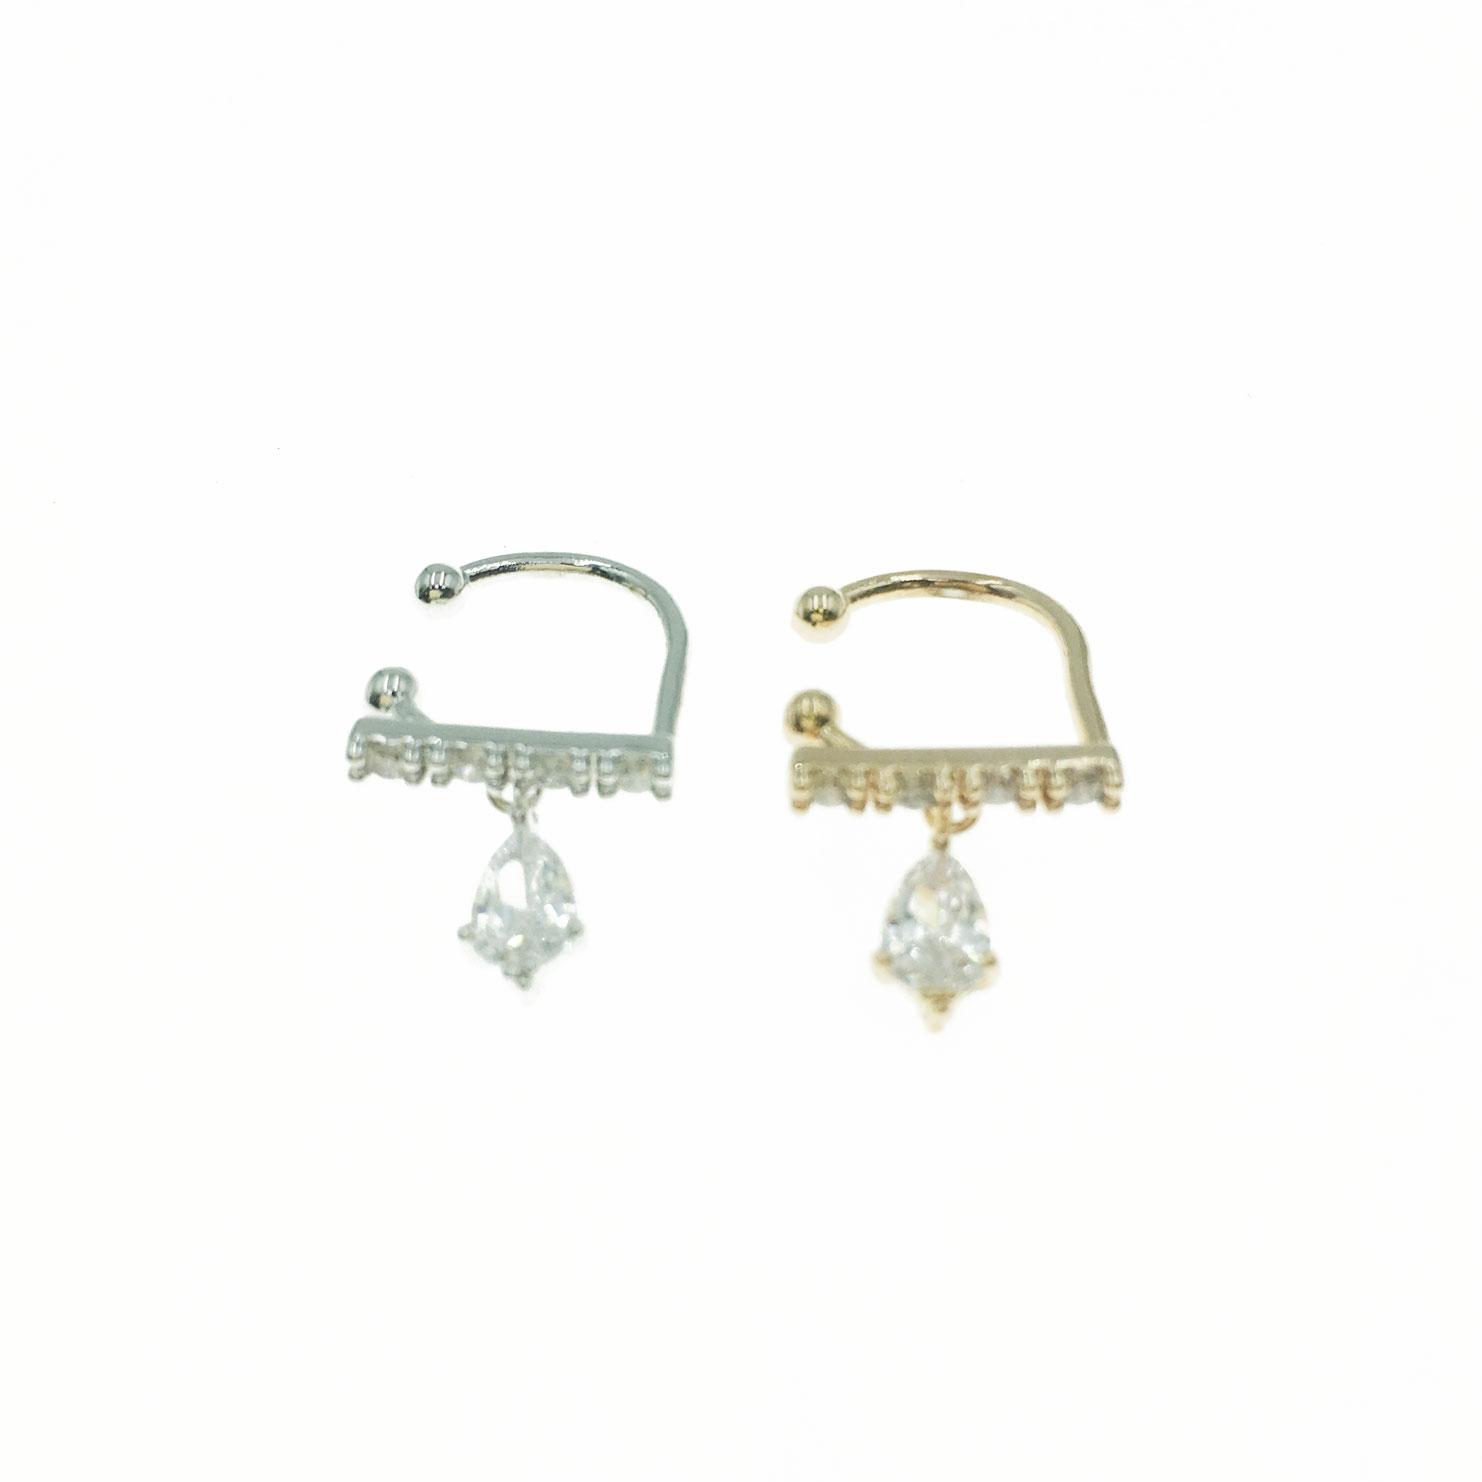 韓國 925純銀 水鑽 垂墜 造型 銀 玫瑰金 耳骨夾 耳環